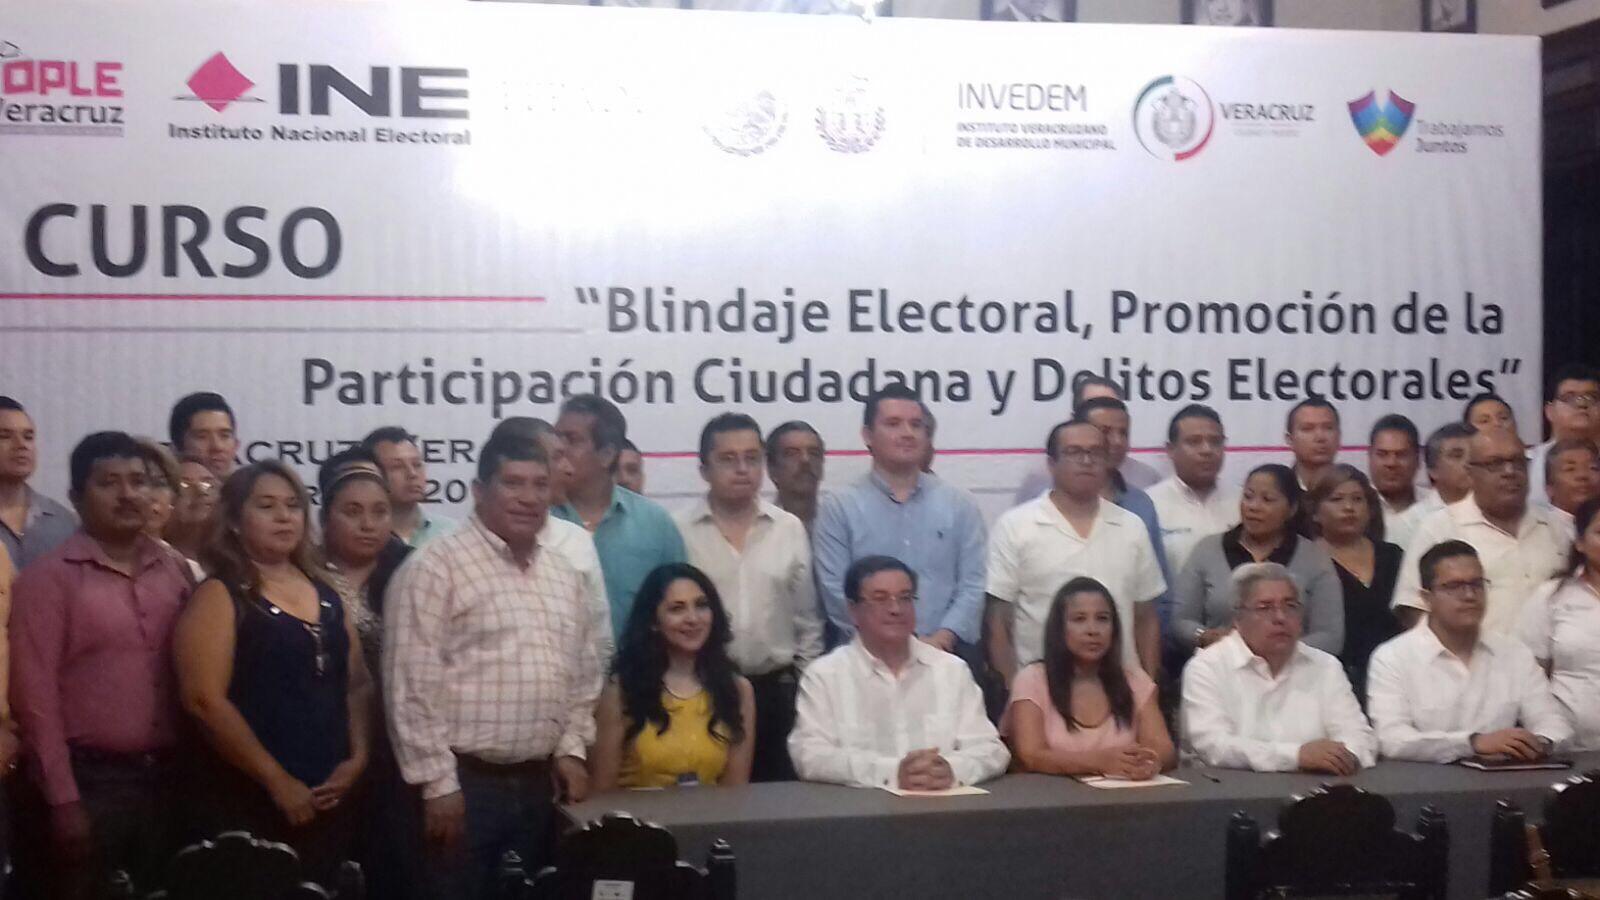 Invedem organiza curso de blindaje electoral  para servidores públicos en Veracruz